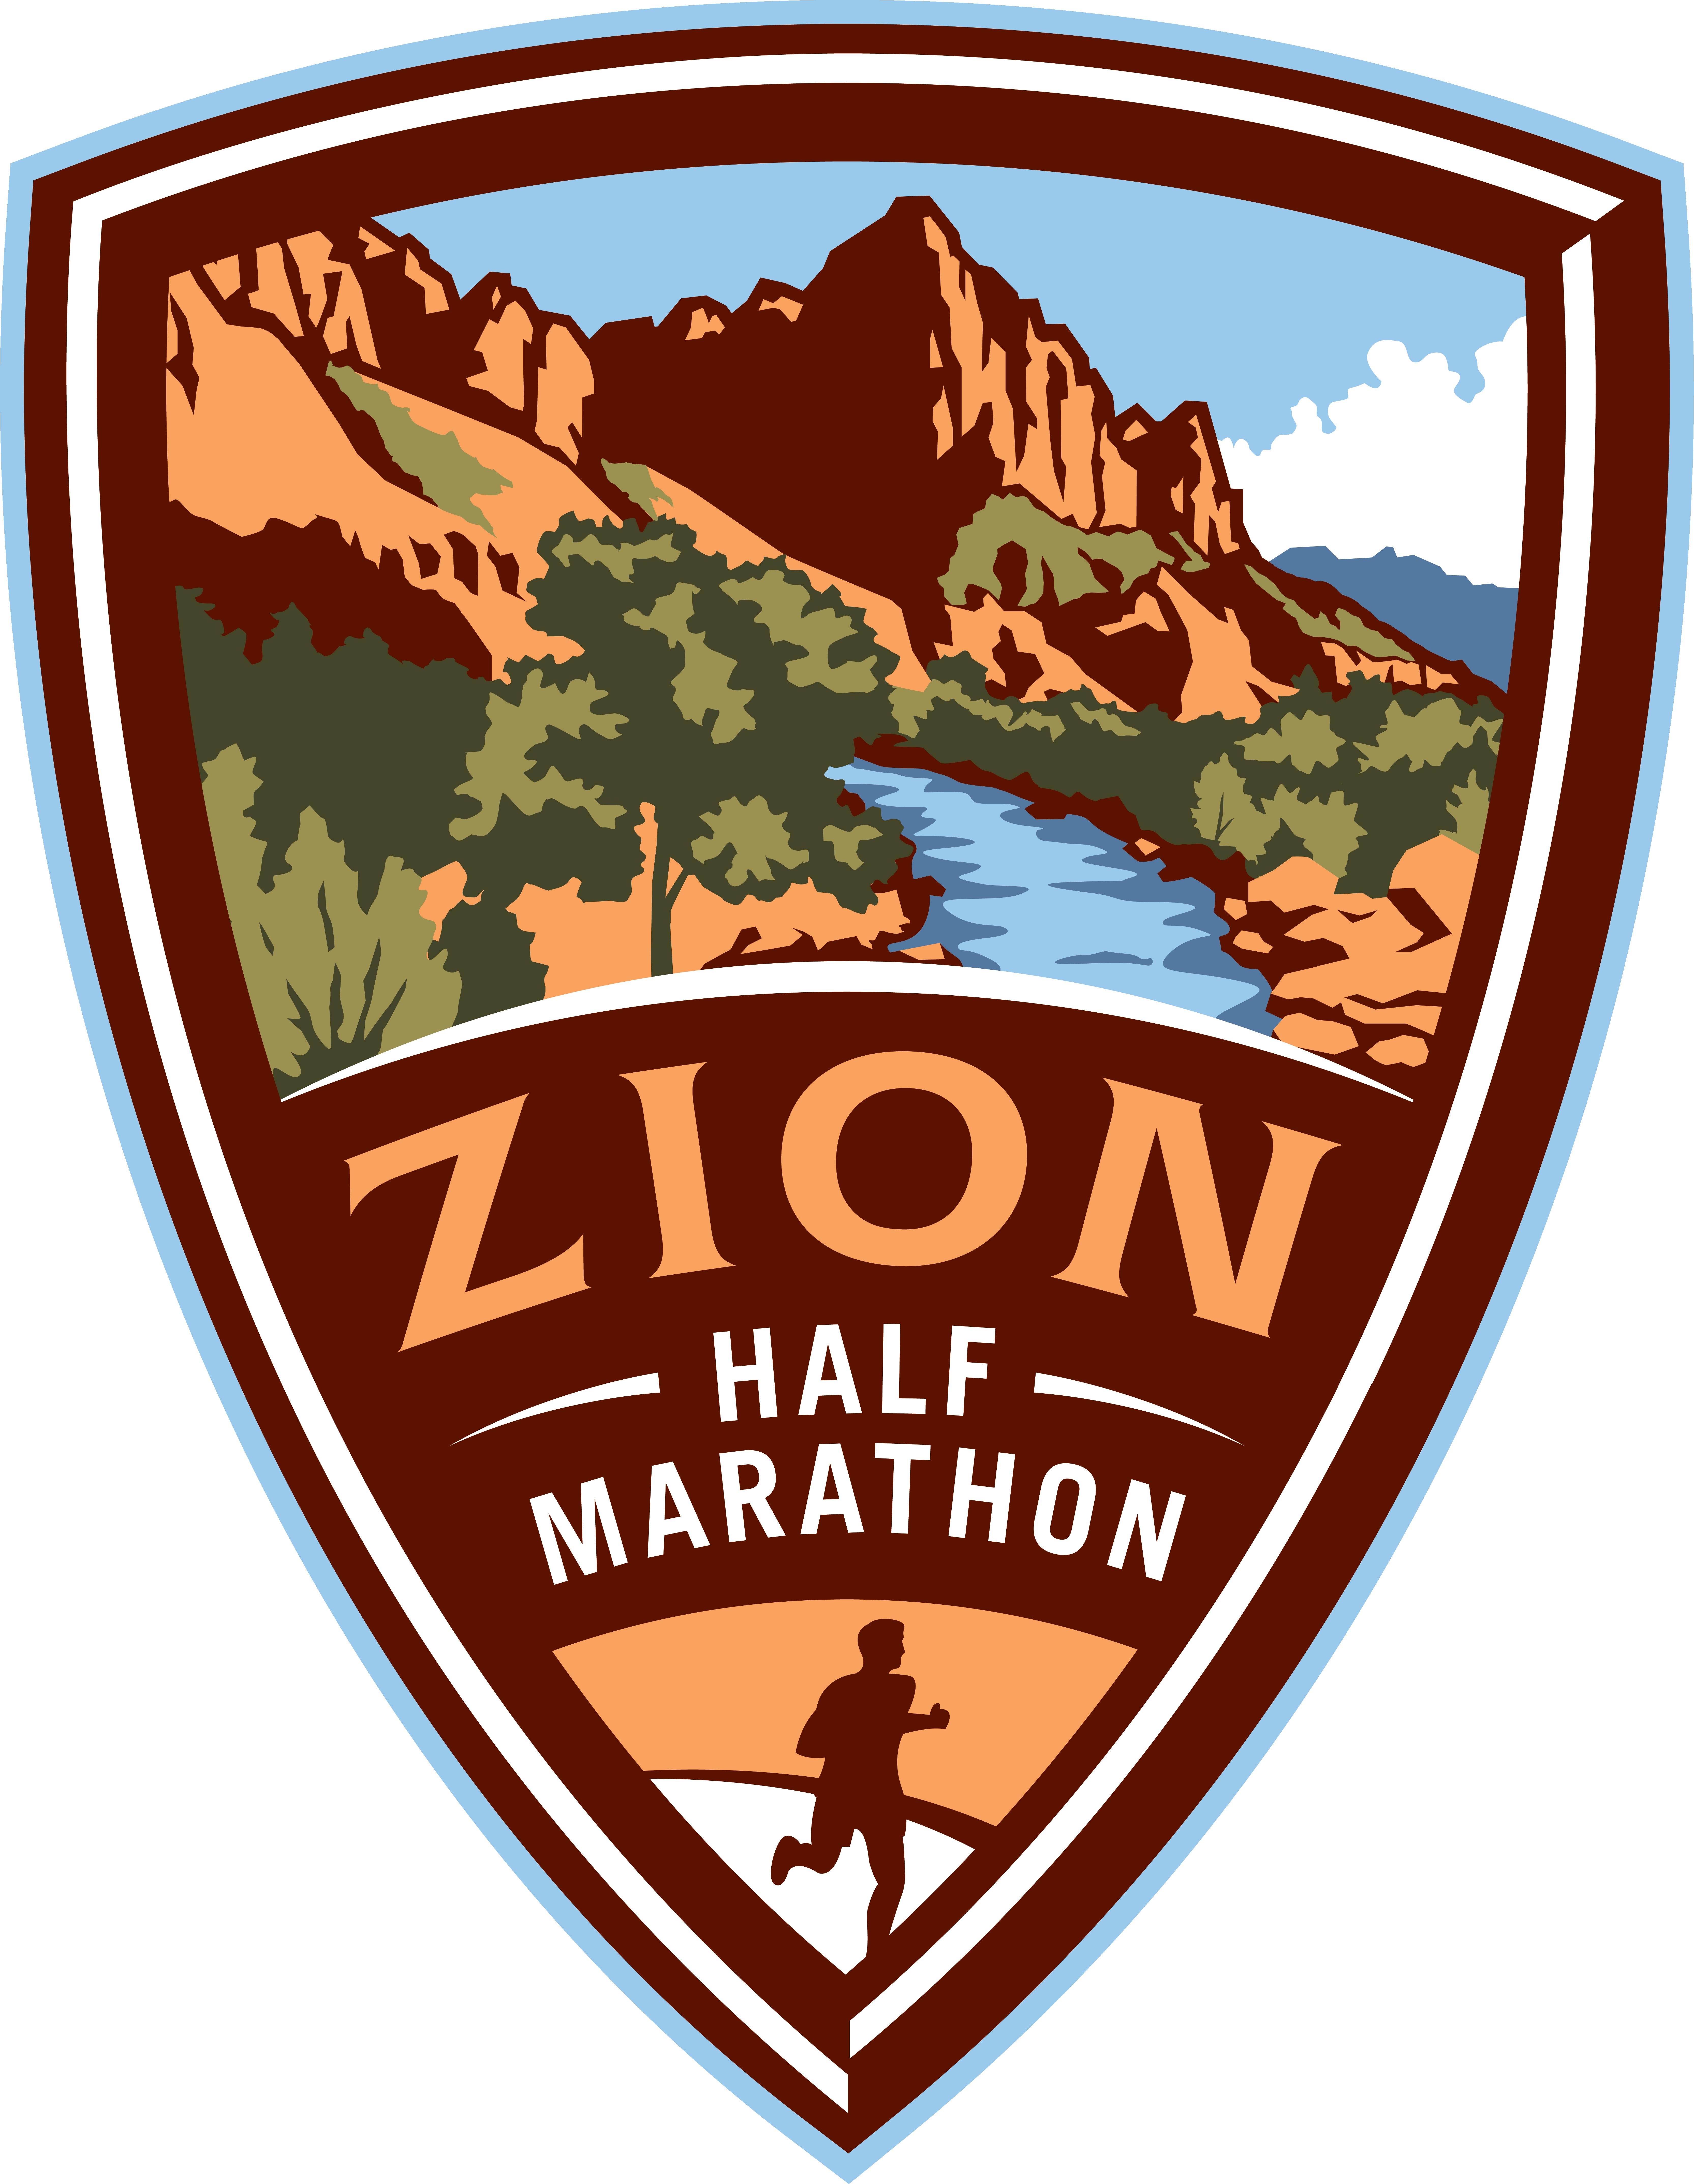 Details (Zion) » Vacation Races